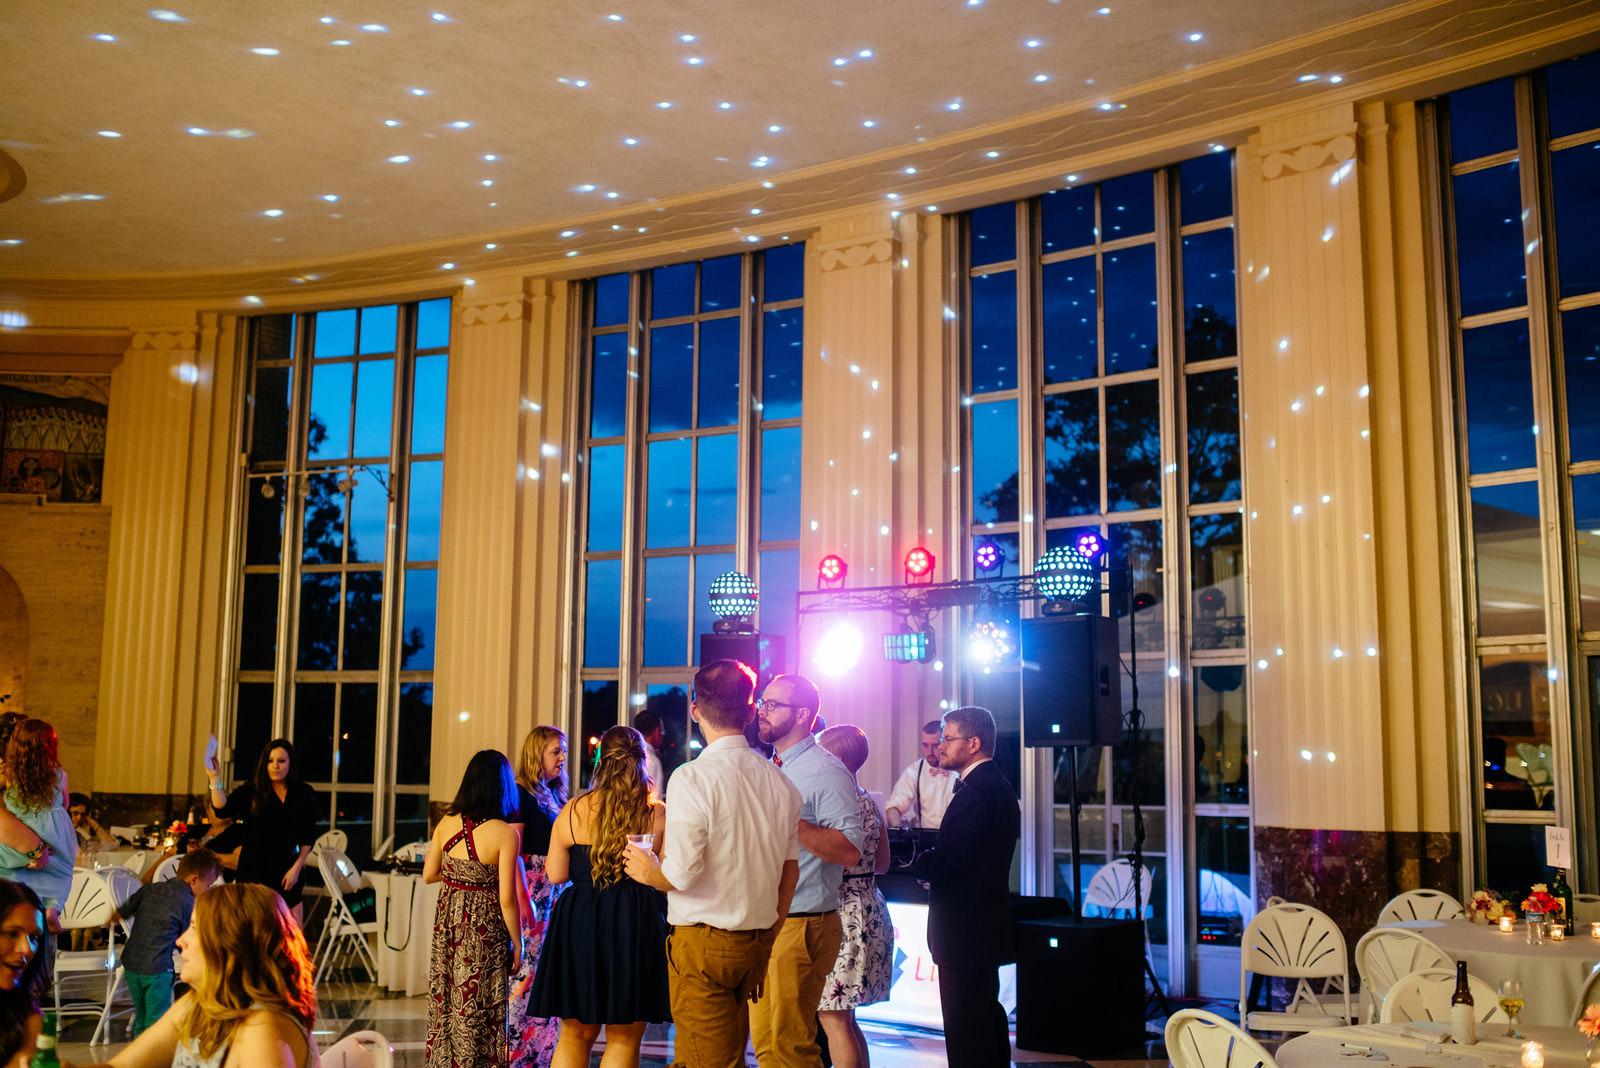 UC wedding reception wv 1